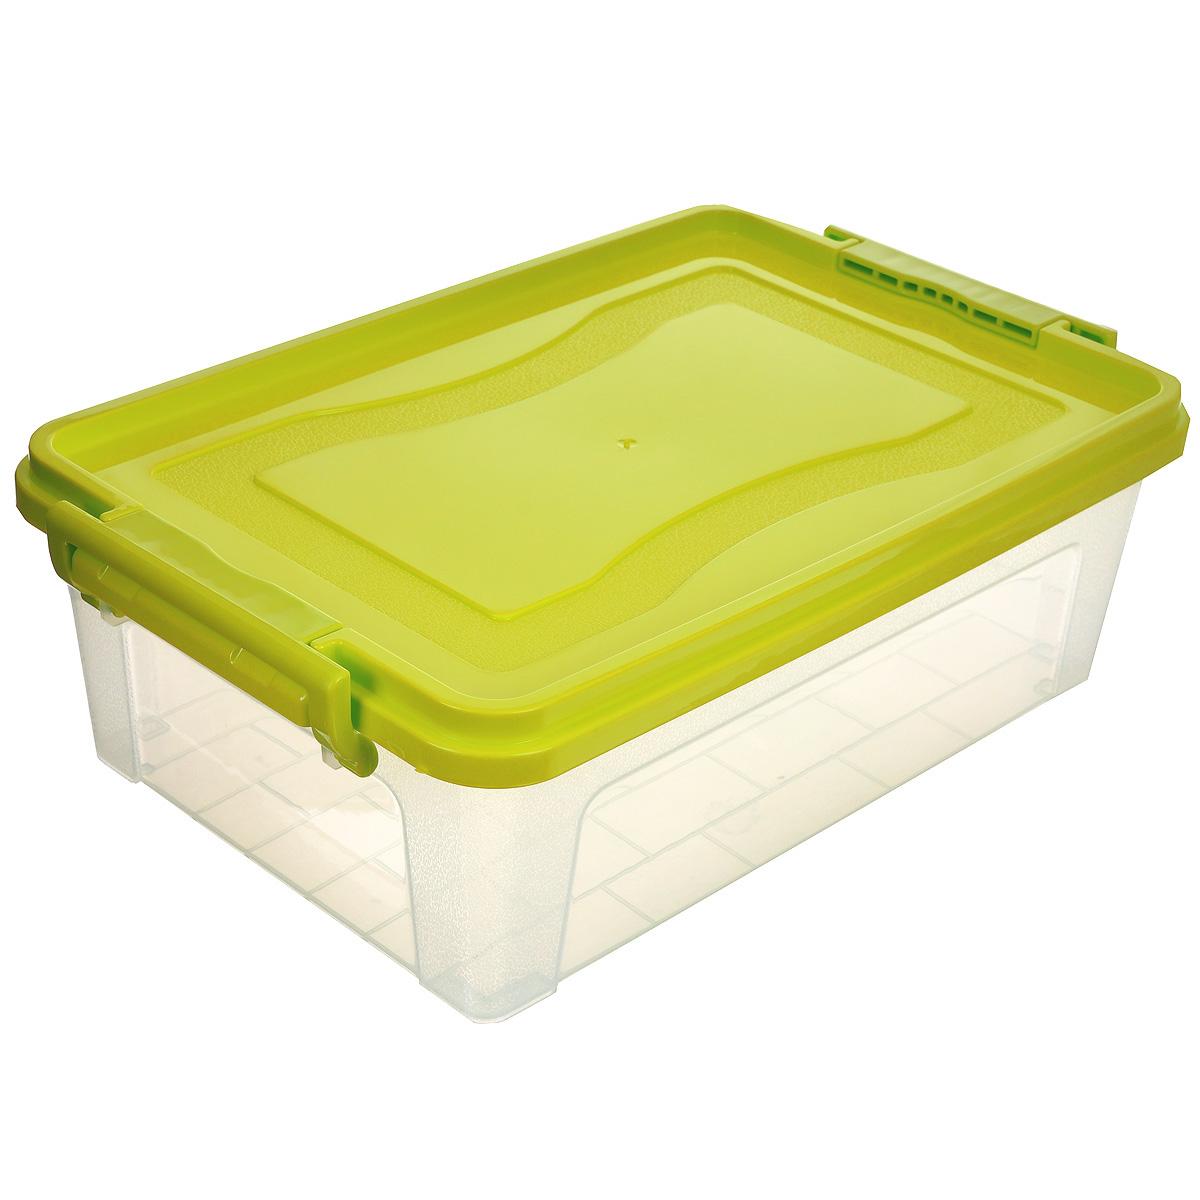 Контейнер для хранения Idea, прямоугольный, цвет: салатовый, прозрачный, 6,3 лМ 2861_салатовый, прозрачныйКонтейнер для хранения Idea выполнен из высококачественного пластика. Контейнер снабжен двумя пластиковыми фиксаторами по бокам, придающими дополнительную надежность закрывания крышки. Вместительный контейнер позволит сохранить различные нужные вещи в порядке, а герметичная крышка предотвратит случайное открывание, защитит содержимое от пыли и грязи.